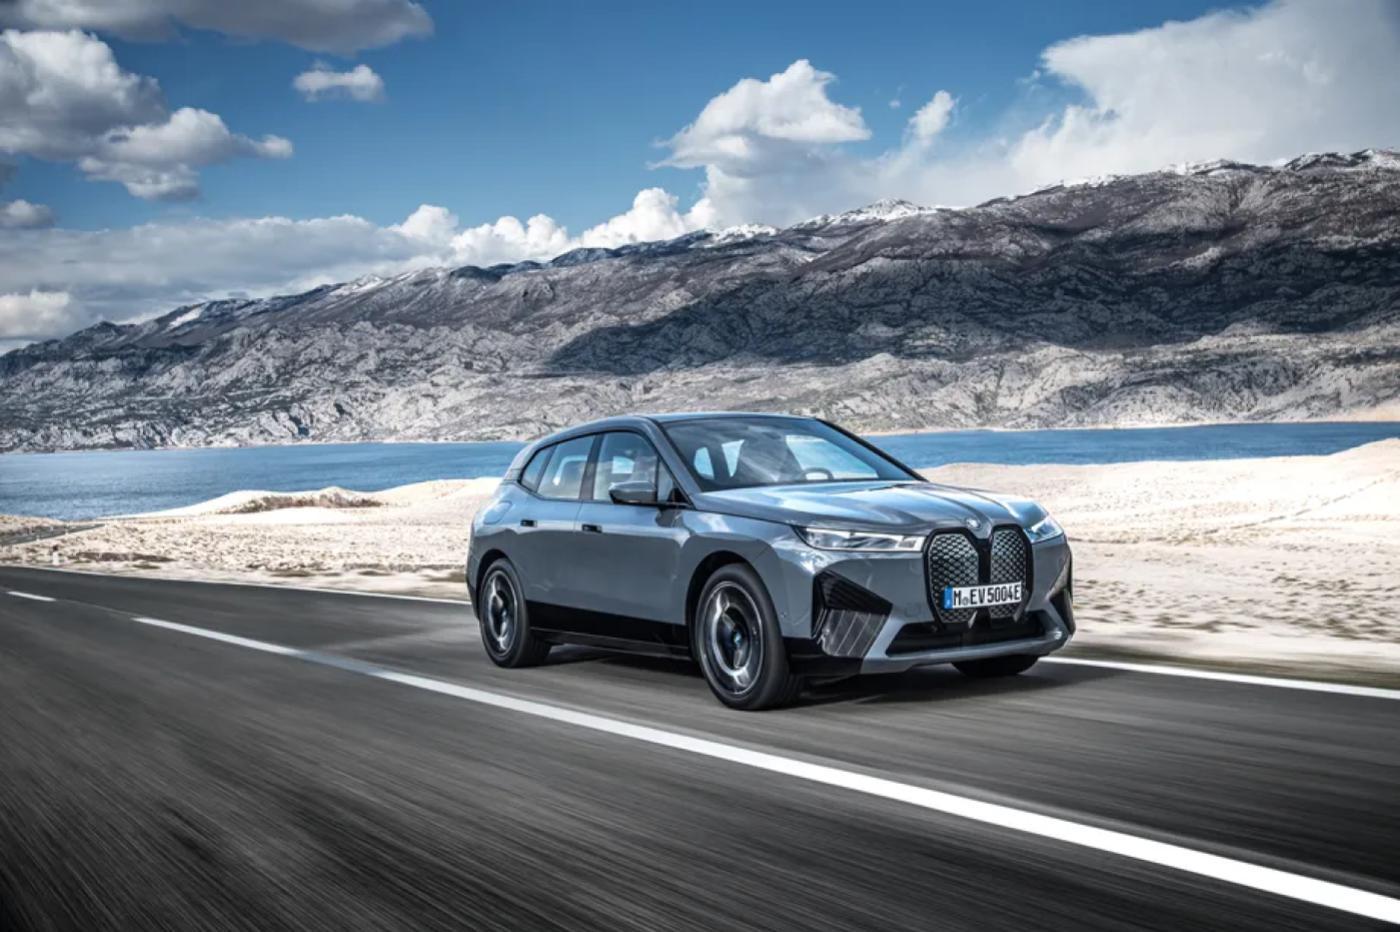 Le SUV BMW iX 100% électrique